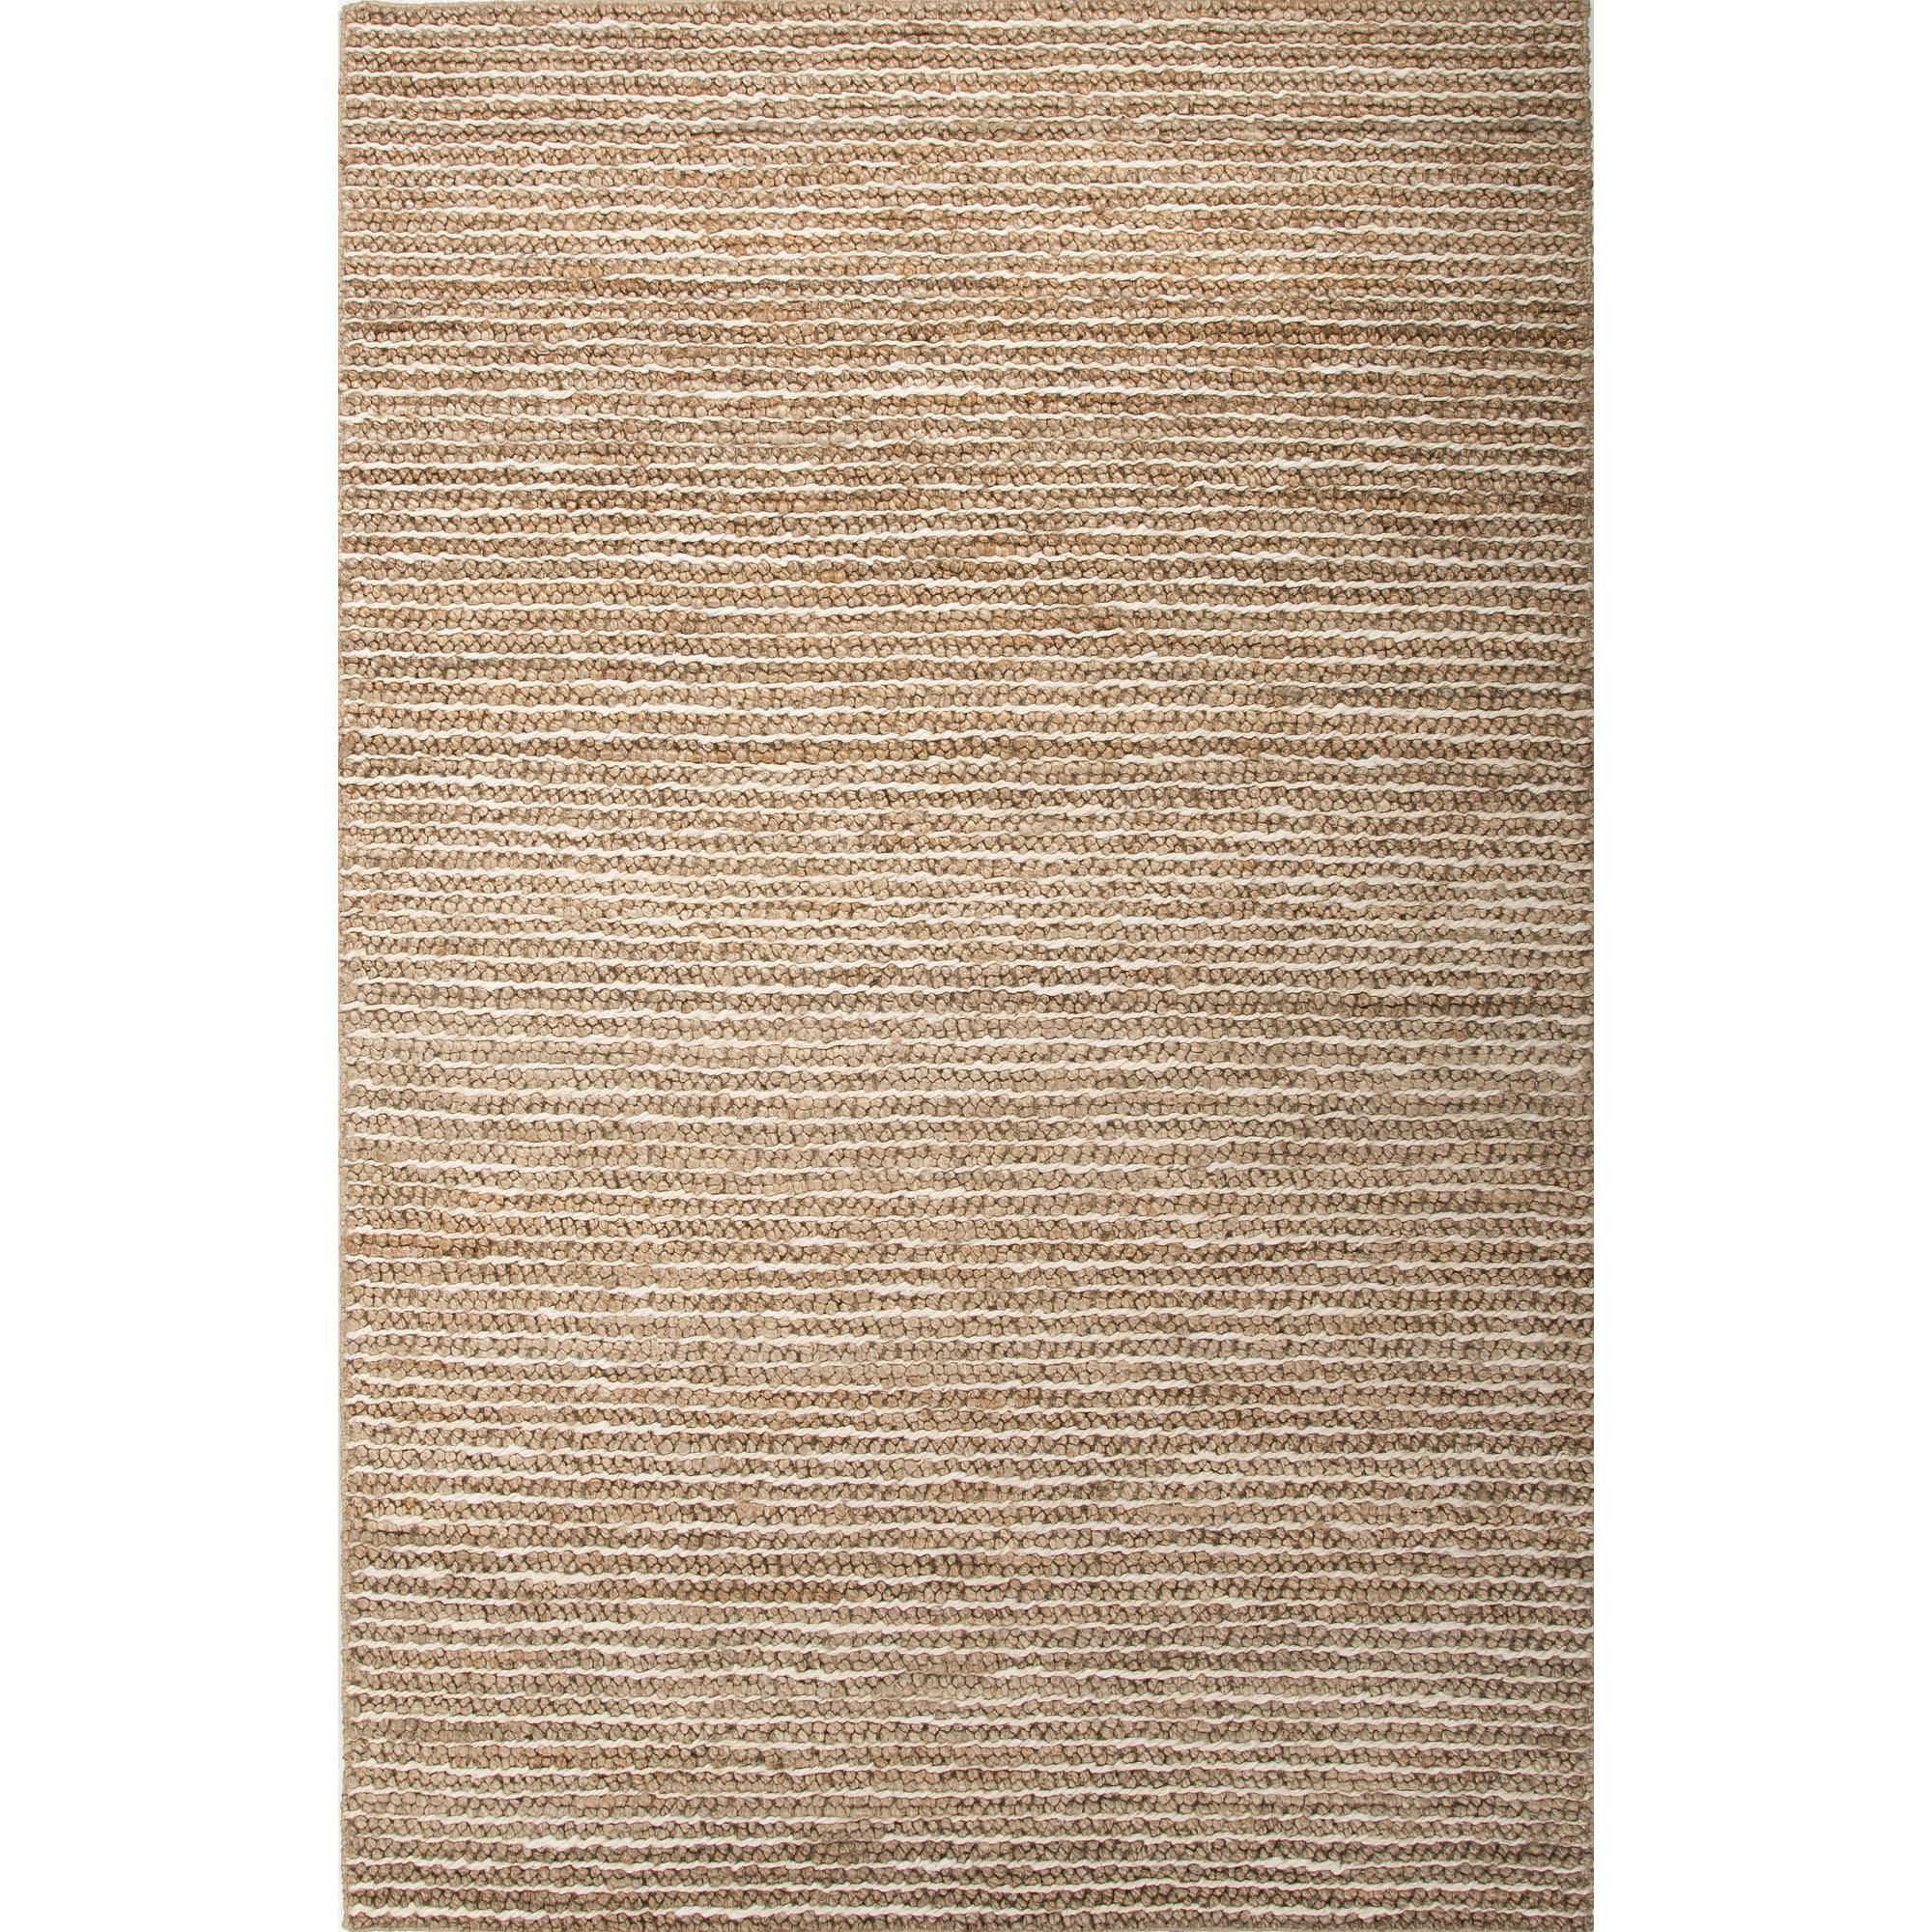 JAIPUR Rugs Naturals Seaside 5 x 8 Rug - Item Number: RUG117305